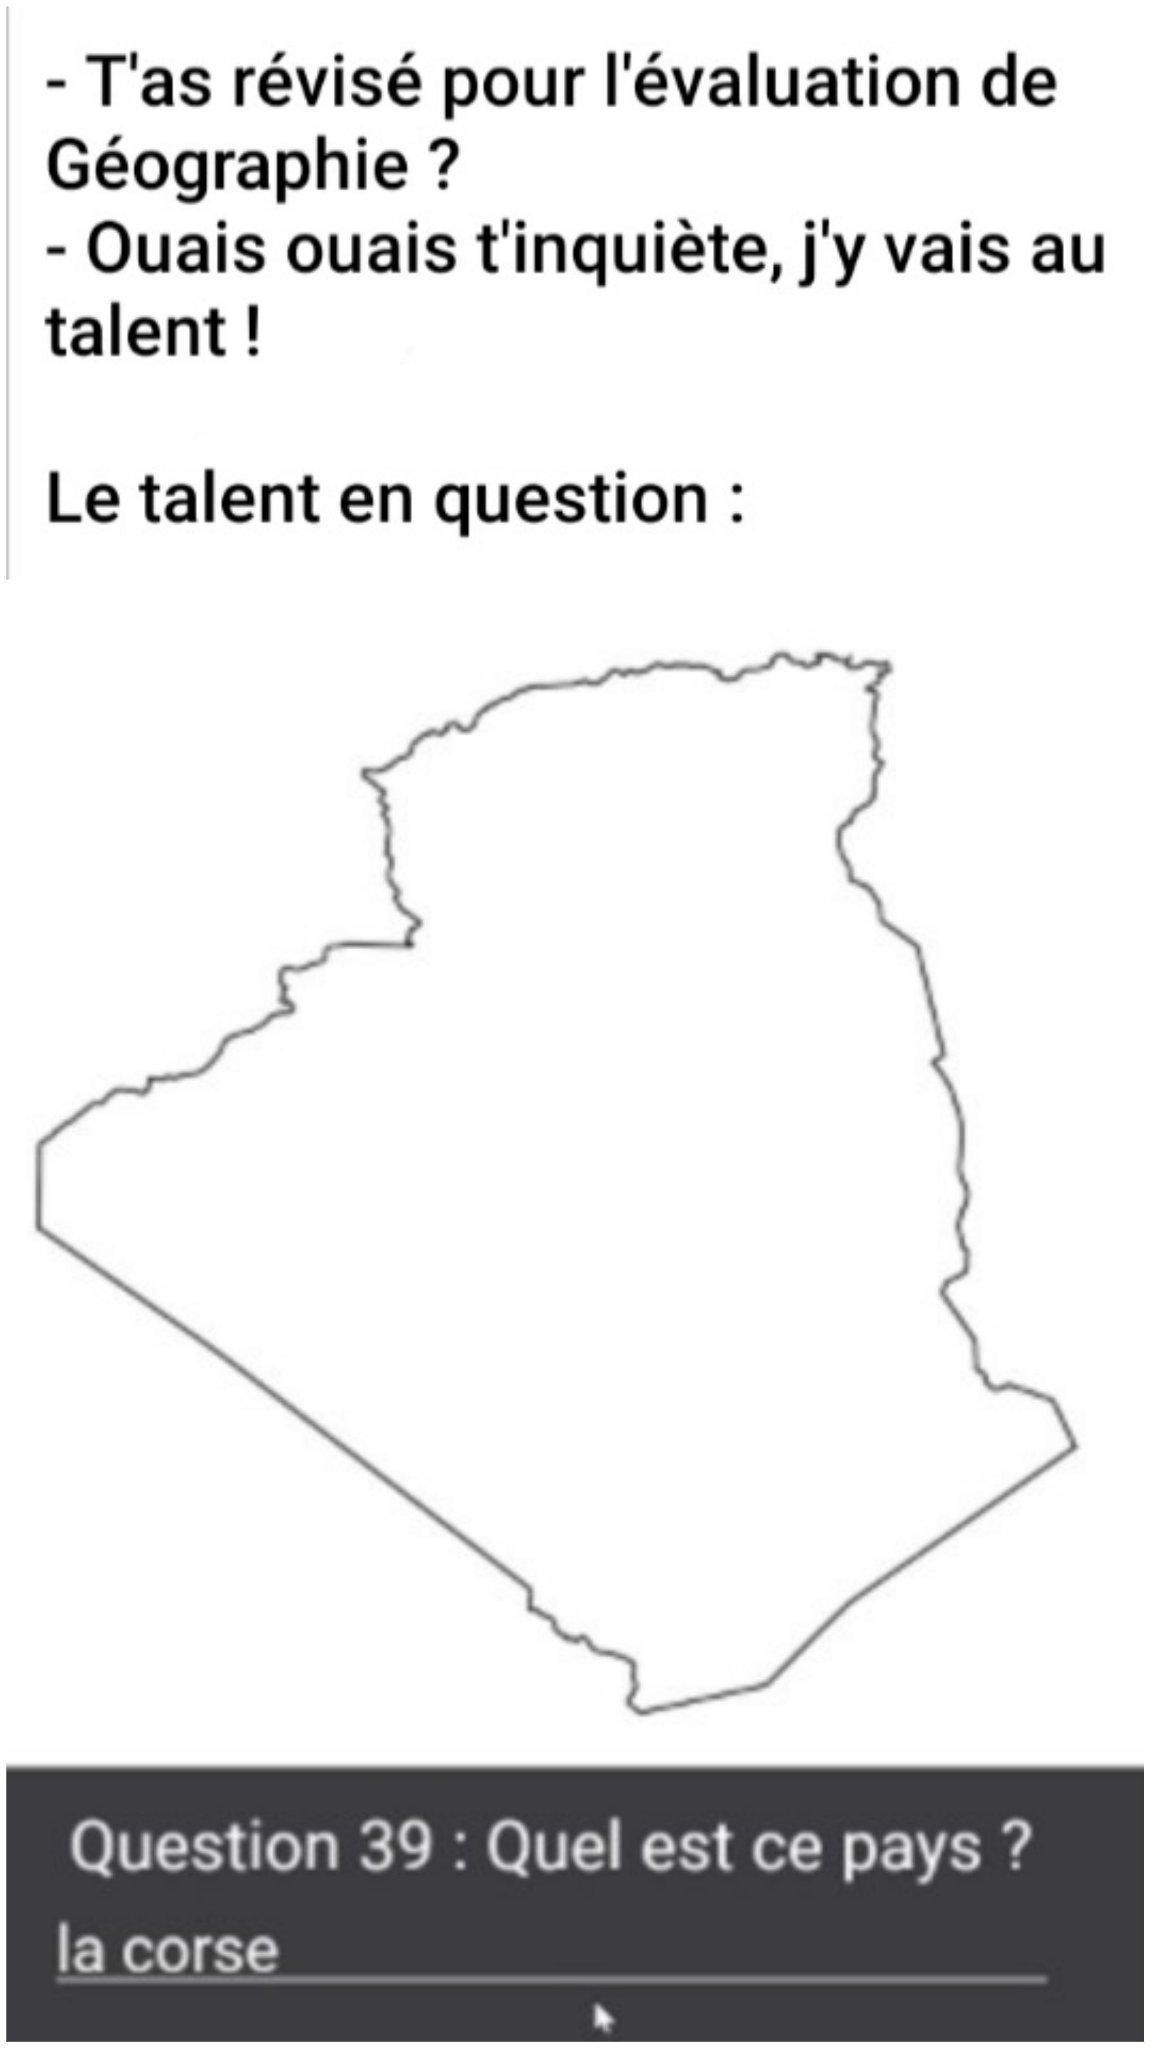 La Corse ? C'est à côté du Maroc, non ? - meme